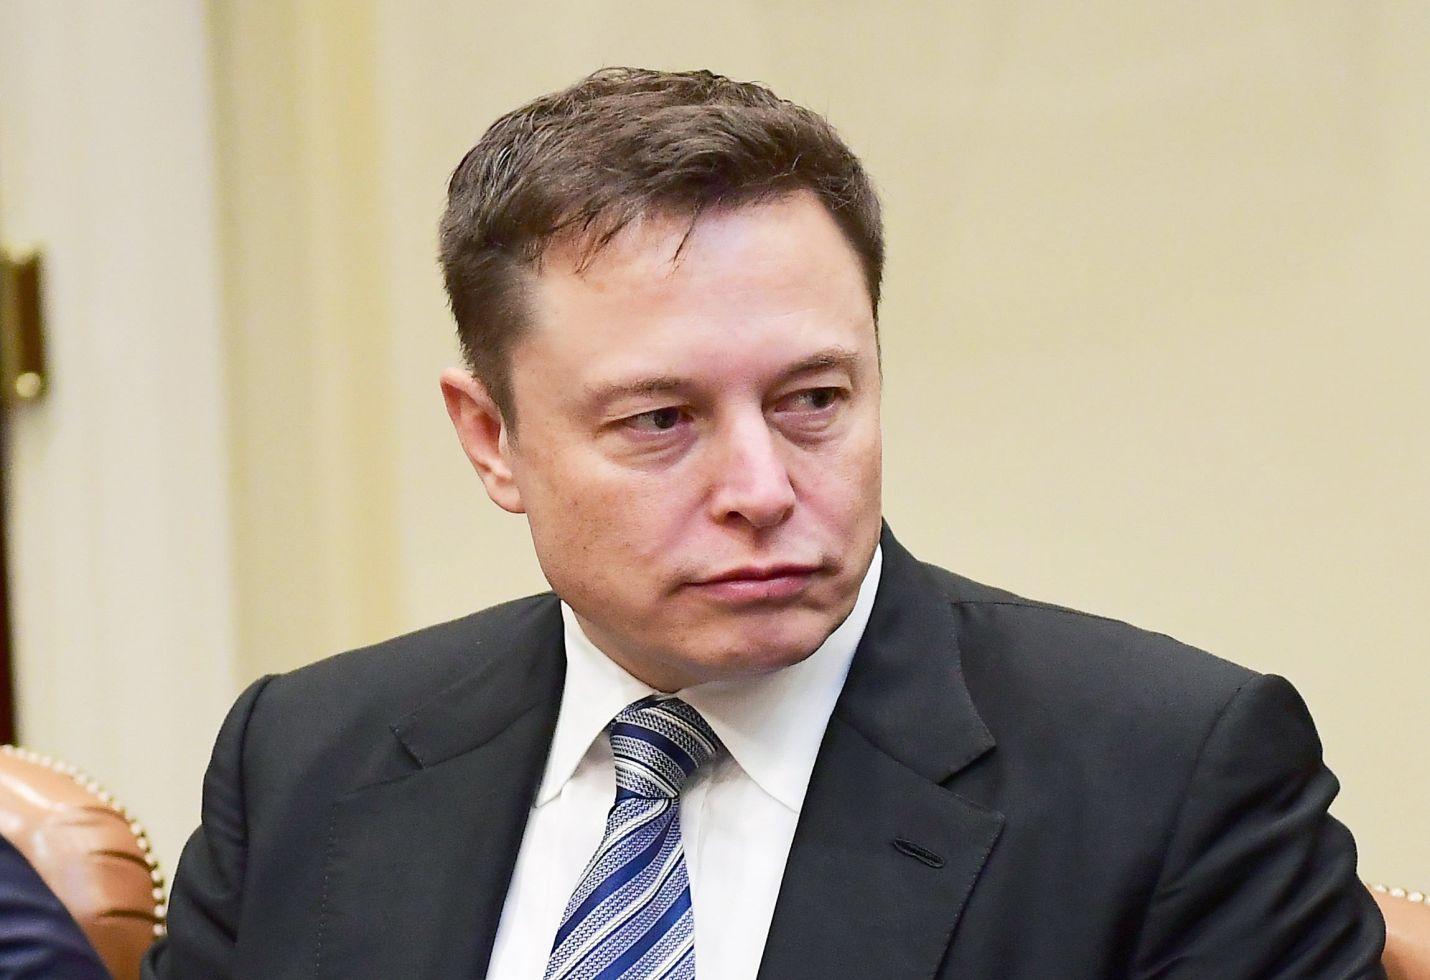 Meet our hall of famers - Elon Musk